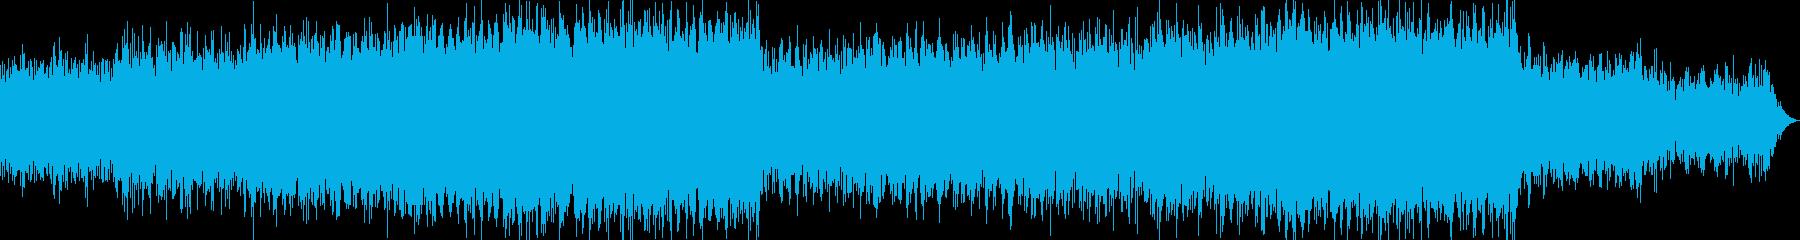 明るく爽やかなオーケストラポップ-03の再生済みの波形